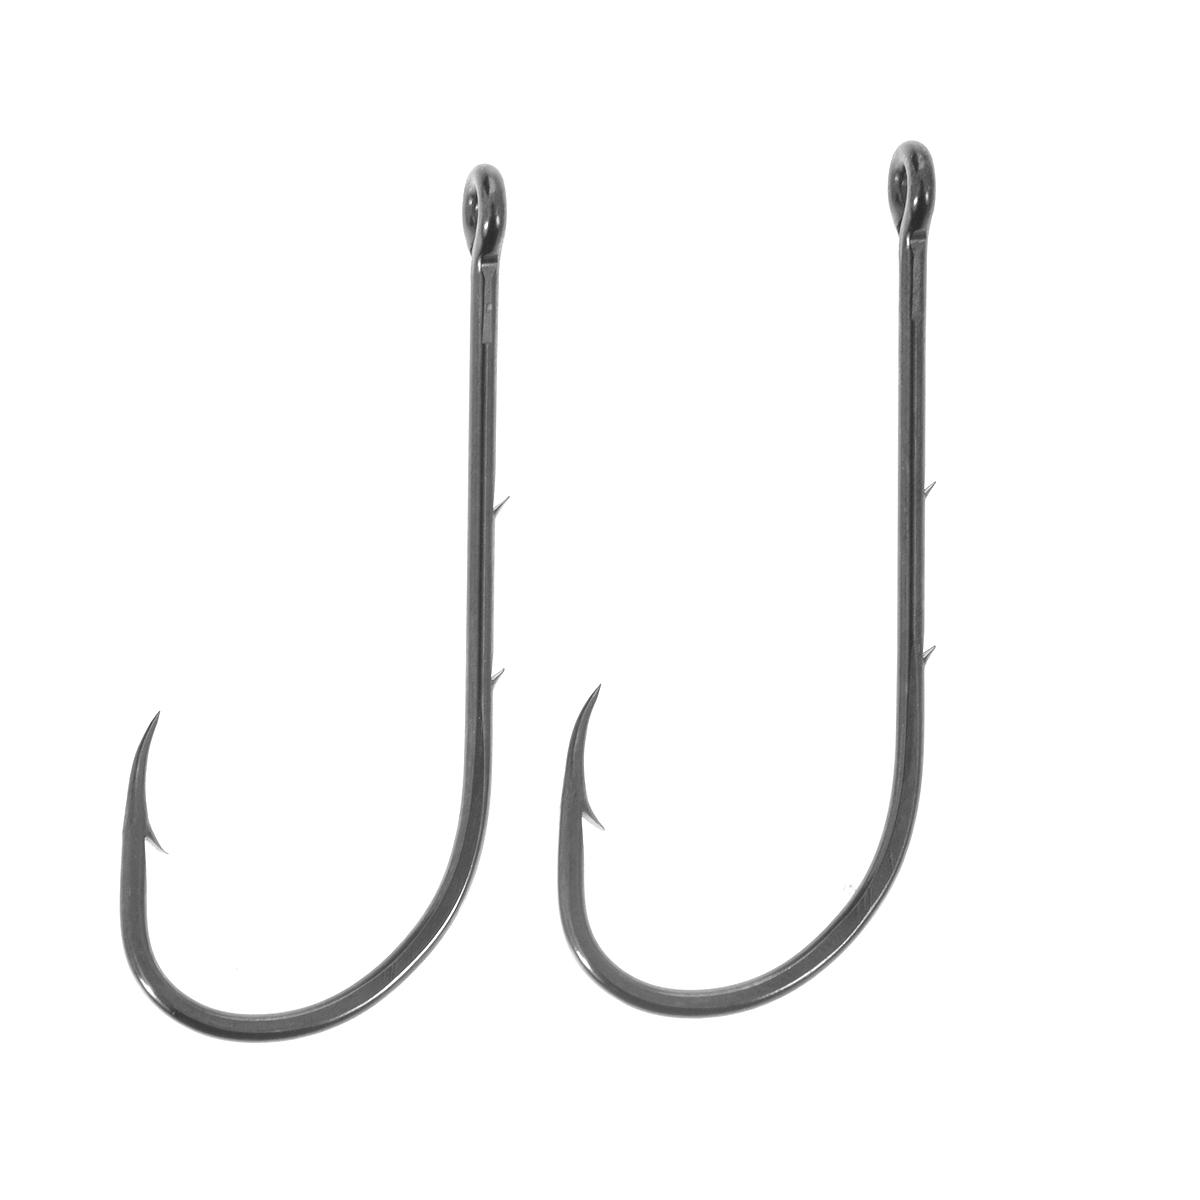 Крючки рыболовные Cobra Baitholder, цвет: черный, размер 10/0, 2 штC1101NSB-K100Классическая форма крупных крючков Cobra Baitholder c круглым загибом и отогнутым в сторону цевья жалом. Рекомендуется для ловли самой крупной трофейной рыбы. Благодаря двум дополнительным бородкам на цевье, прочно удерживают любую насадку.